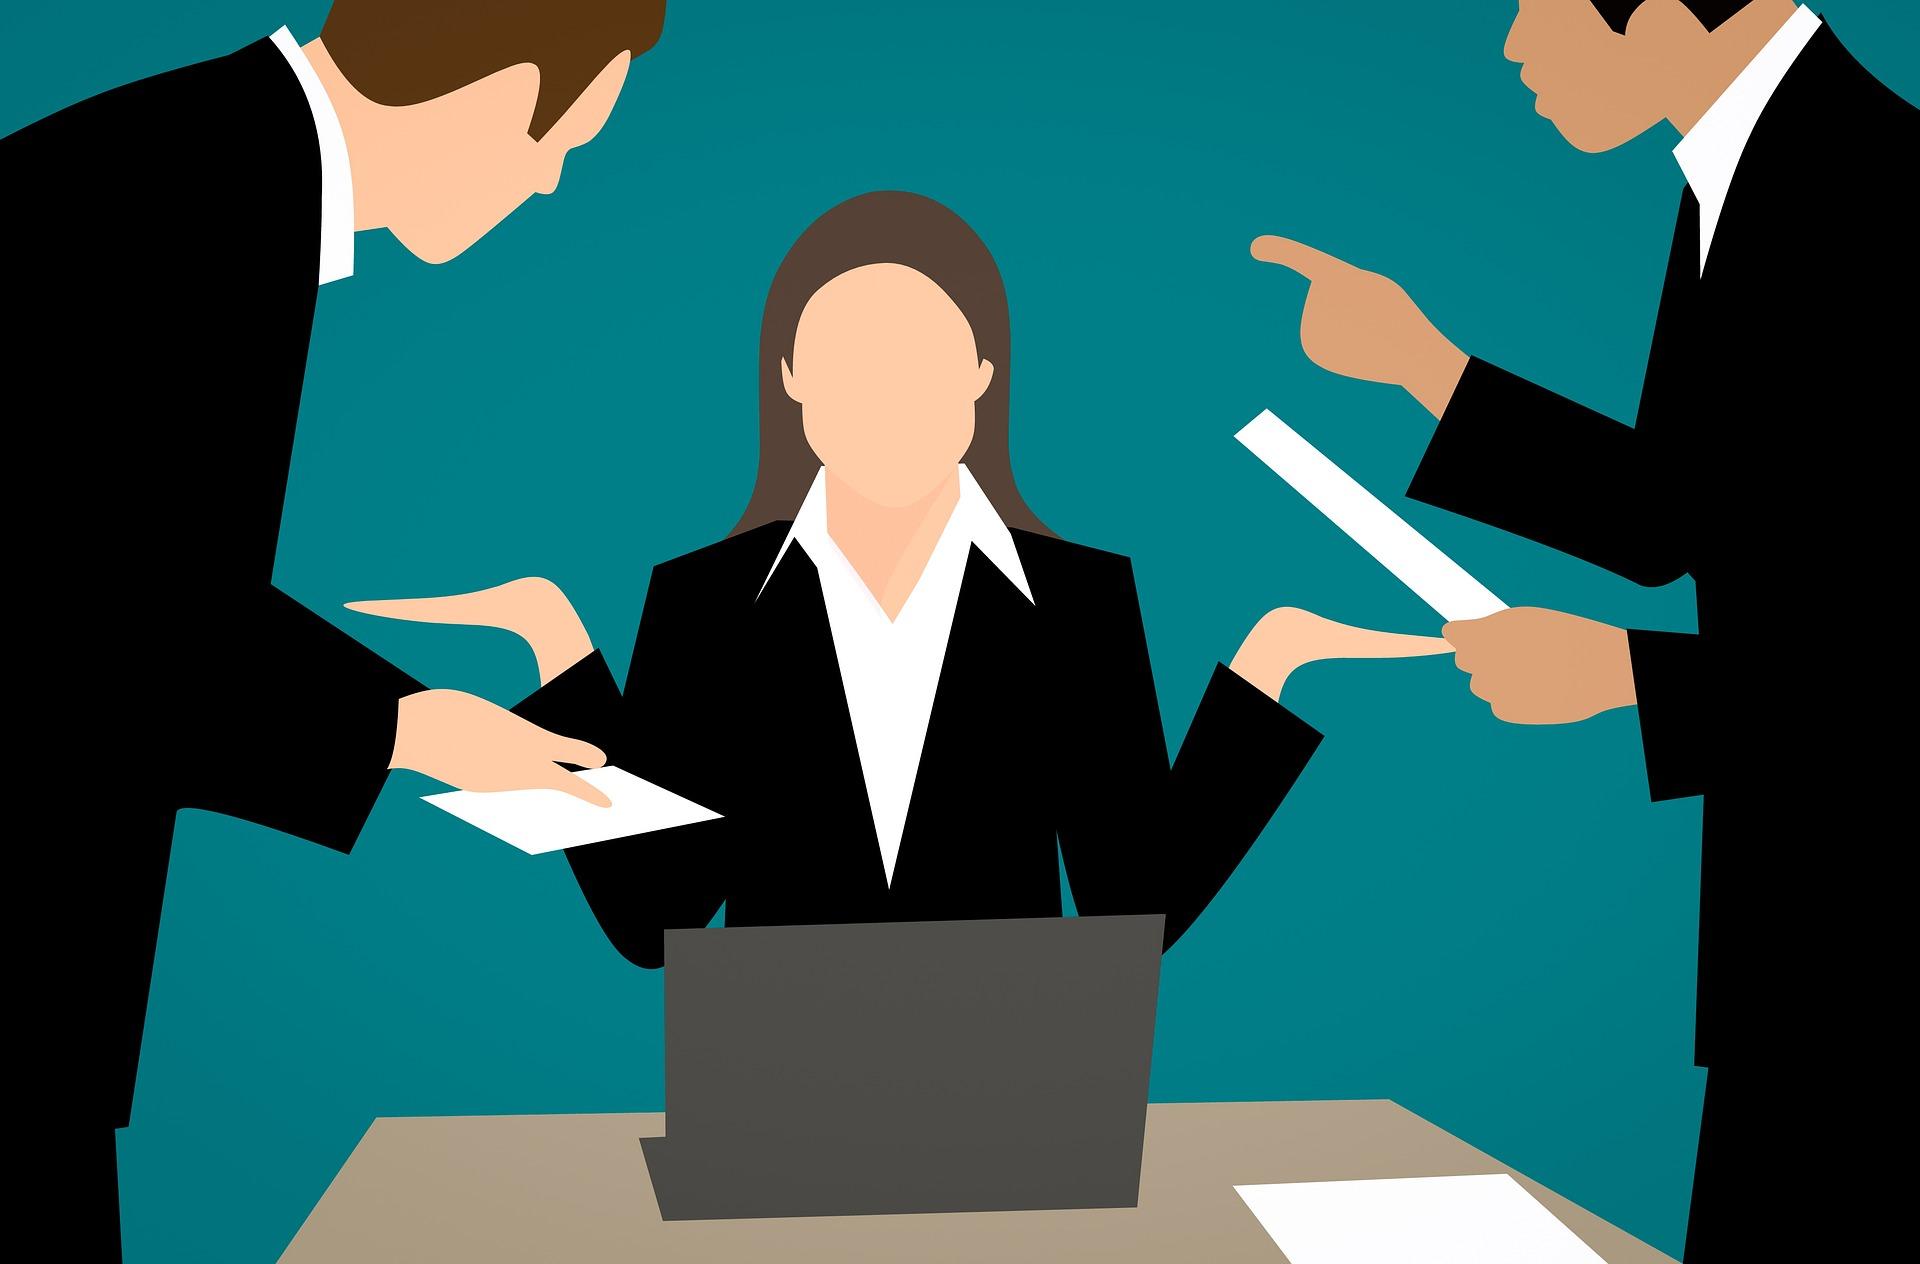 Betere klachtregeling OM-personeel over integriteit en sociale veiligheid - Mr. online